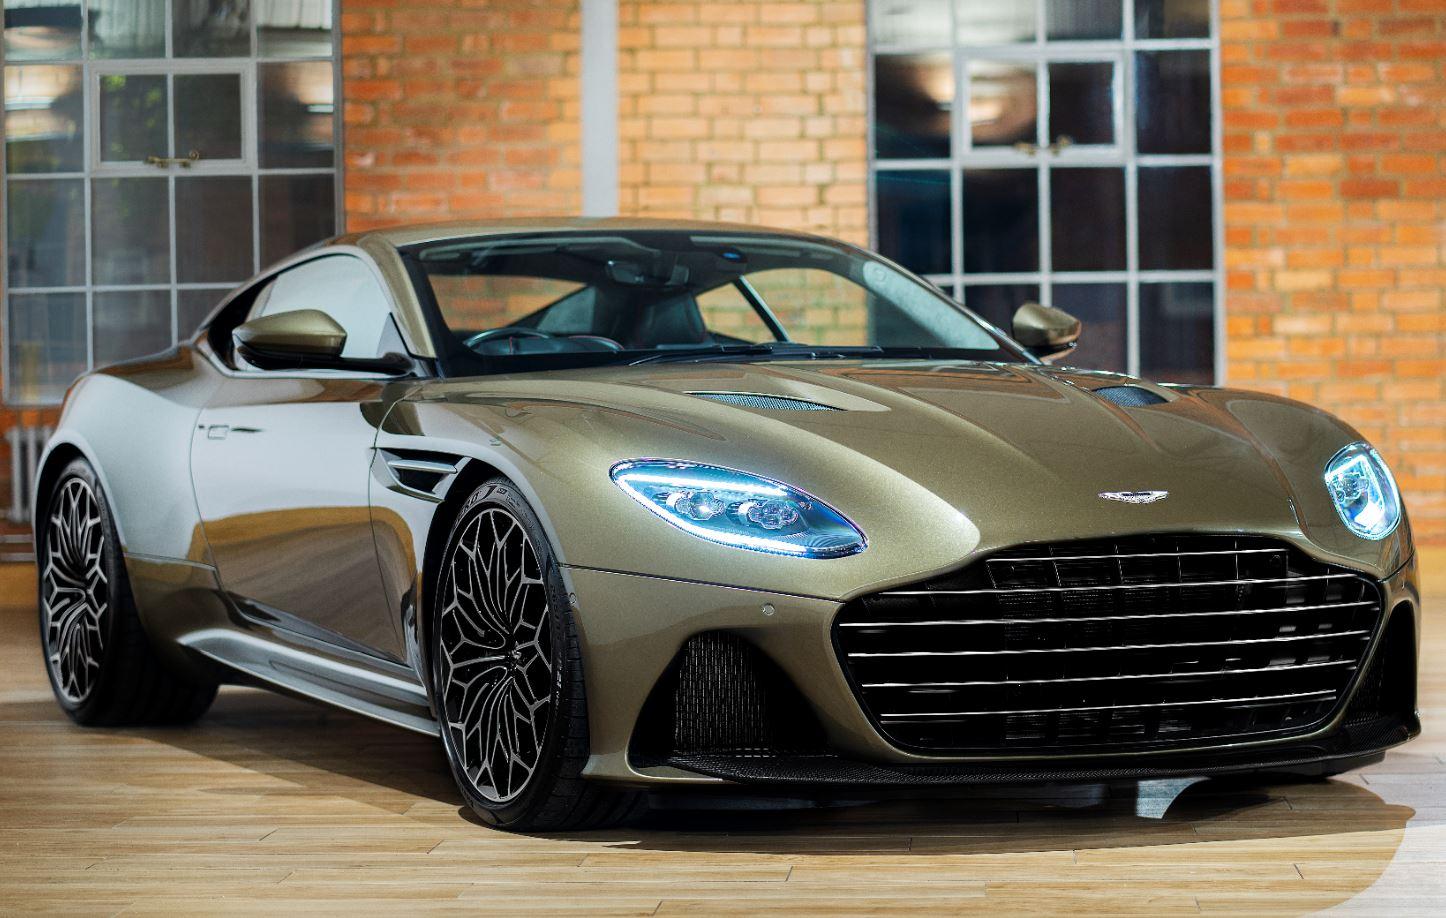 Aston Martin Celebra a James Bond con esta edición especial del DBS Superleggera